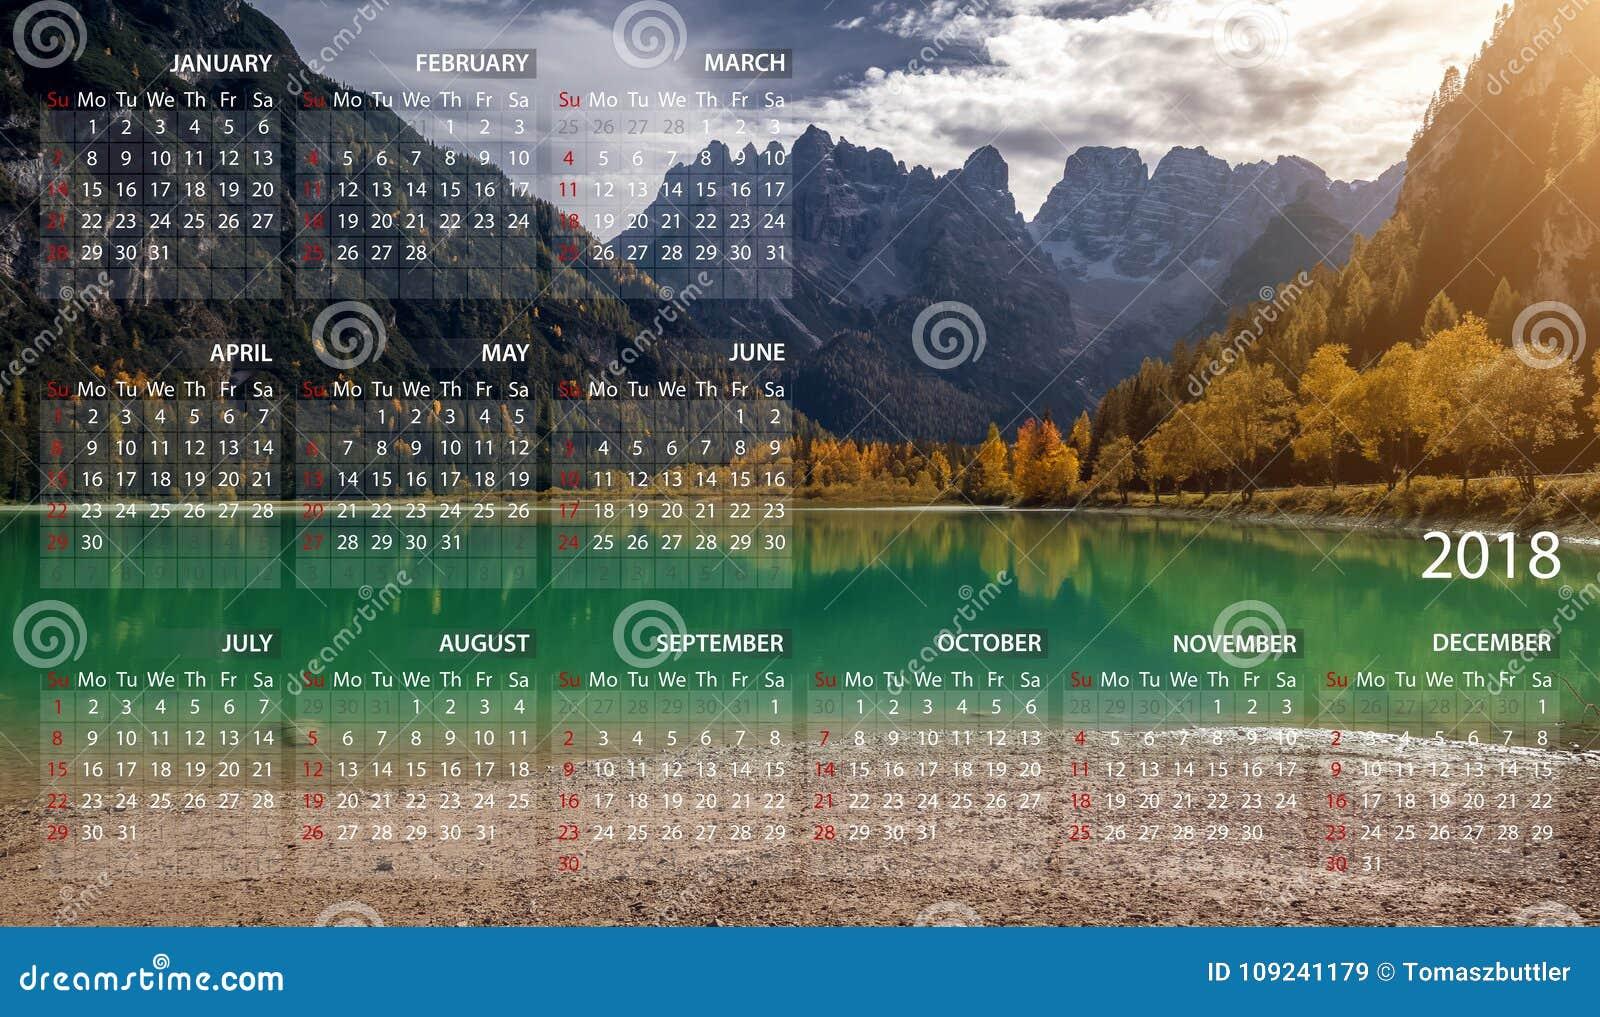 Calendrier 2018 en anglais Débuts de semaine dimanche Paysage de panorama de montagnes en Italie